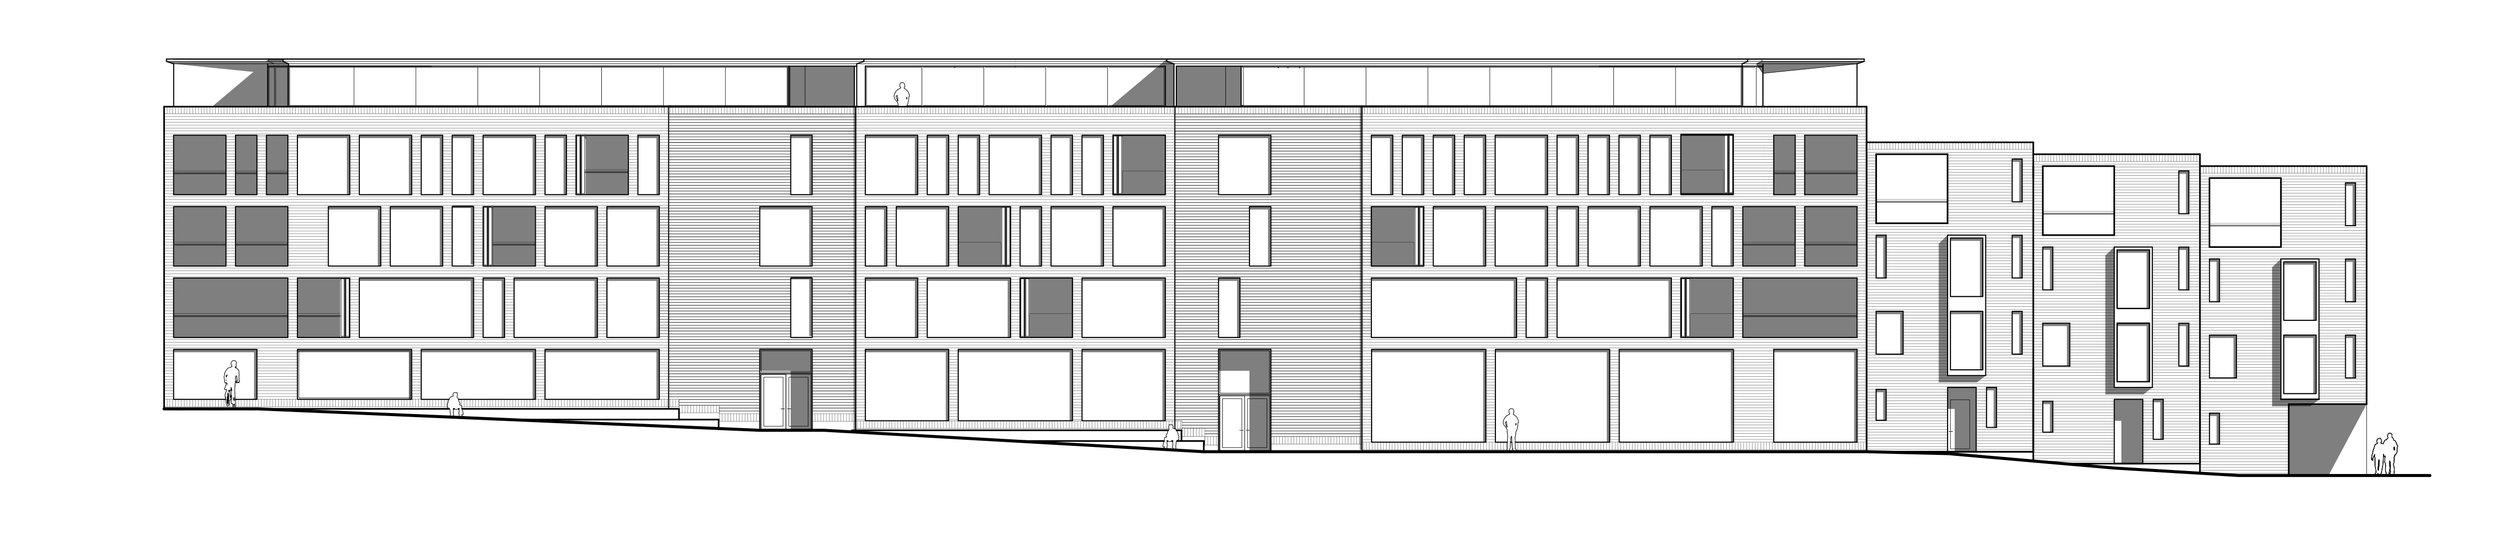 Facaden består af fem vertikale segmenter. Yderst er ganggruppefællesområderne, dernæst trappetårnene og i midten de store fællesfunktioner. Dette skaber en sammenhængende gadefacade, der i kraft af de fem segmenter fremstår med varierende karak- ter, og dermed opleves som mindre huse der spiller sammen med konteksten. Bygningens stueplan følger gadens faldende terræn og går derved i dialog med omgivelserne og skaber mulighed for ind- og udkig samt ophold på bygningen.